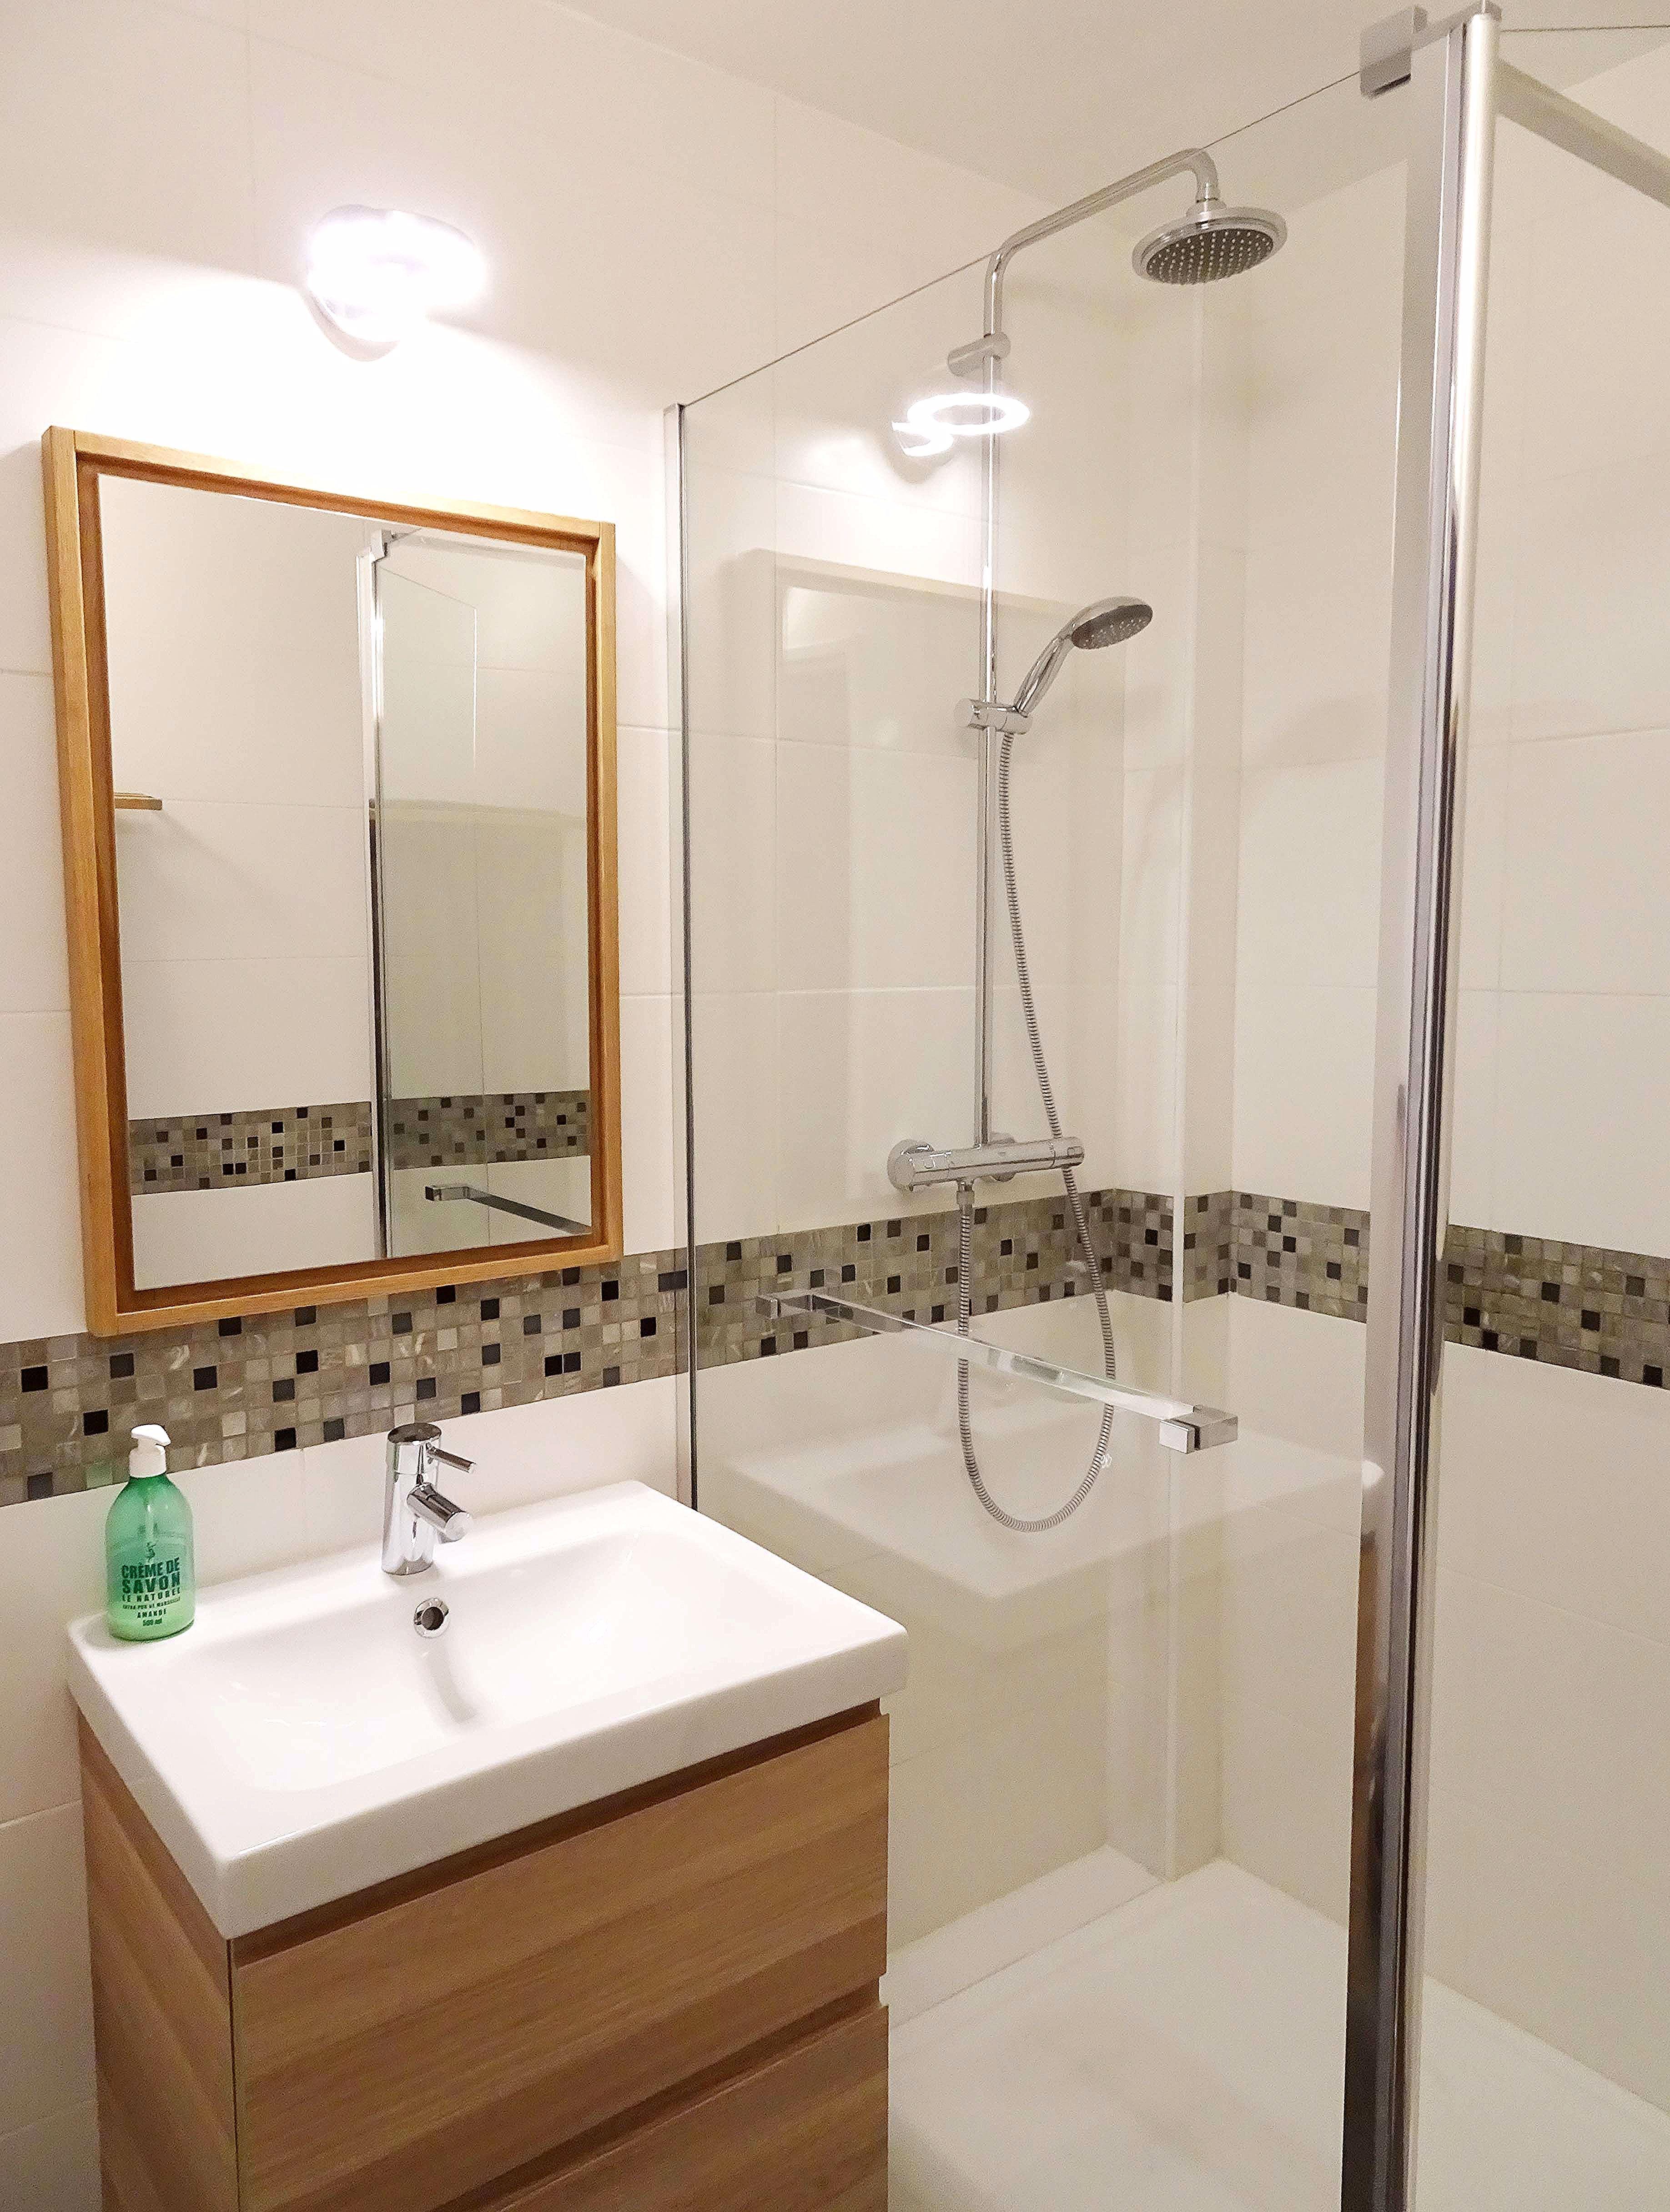 Eclairages Led en 16  Idée salle de bain, Eclairage salle de